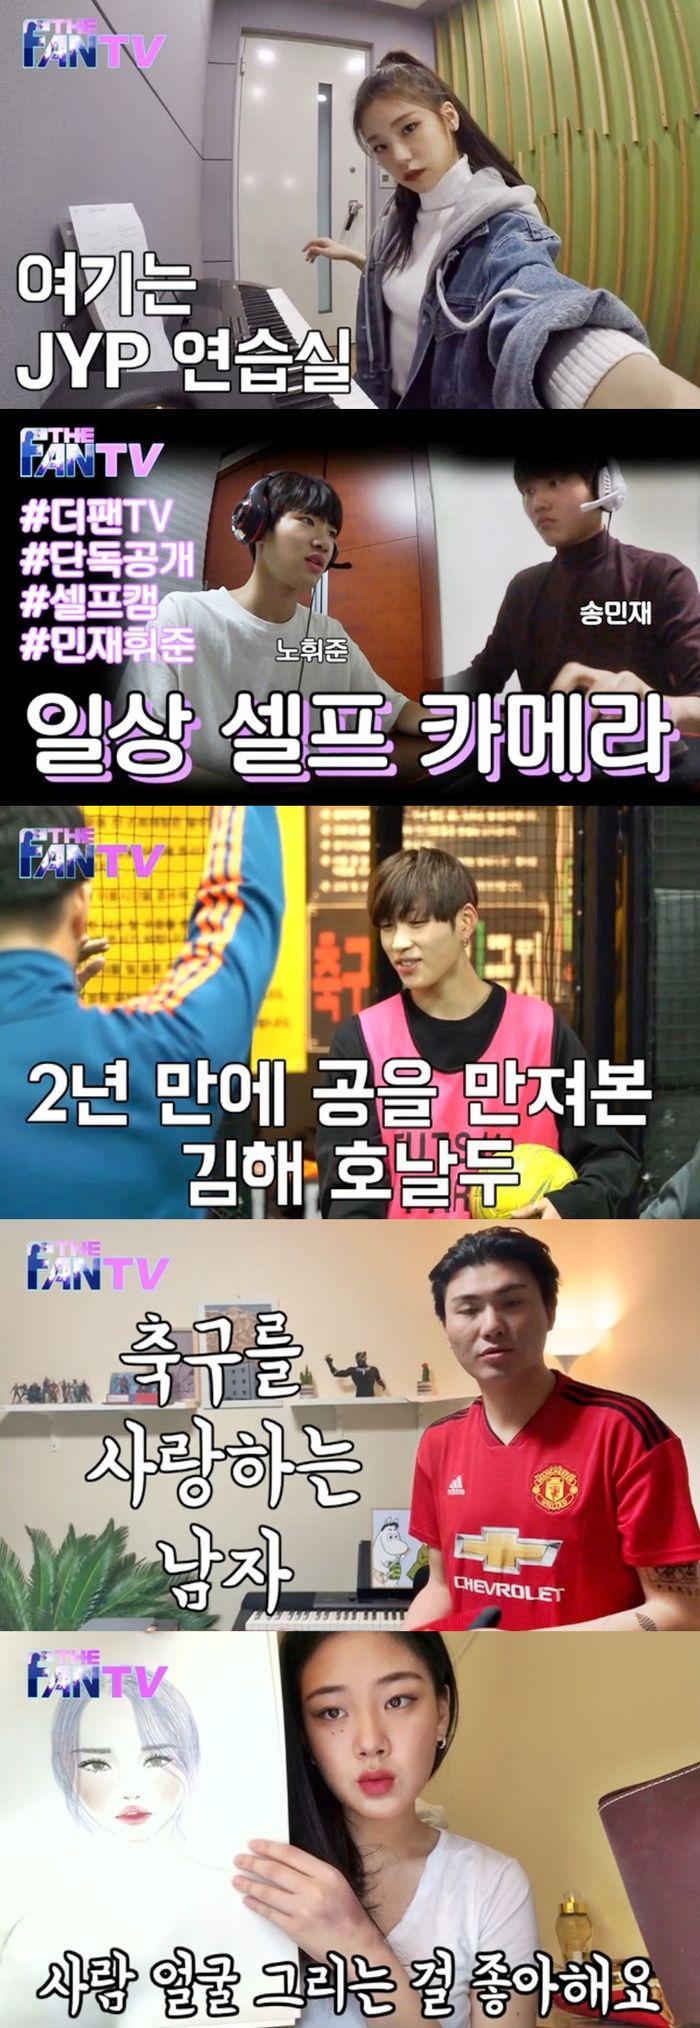 화제의 '더팬', 매주 금요일 밤 특별판 편성…4일 첫 방송  기본이미지